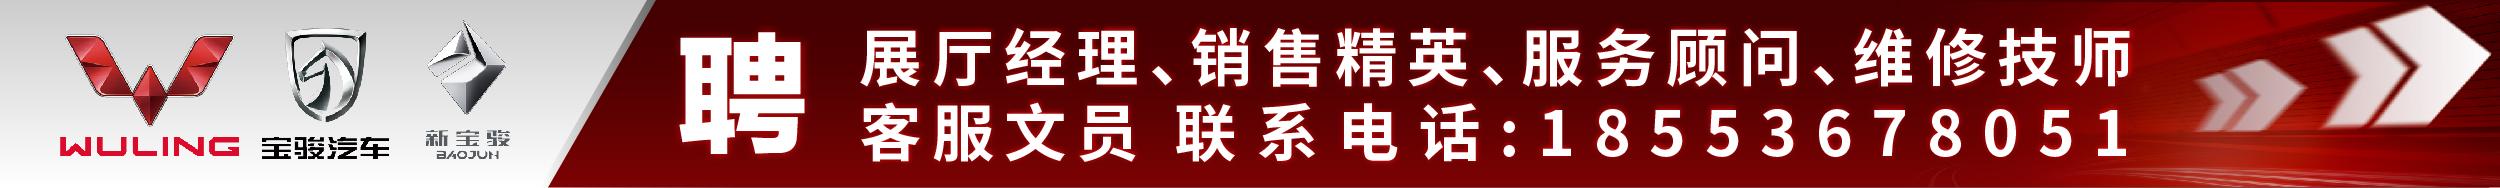 青州同利廣濰汽車銷售服務有限公司(五菱寶駿4S店)